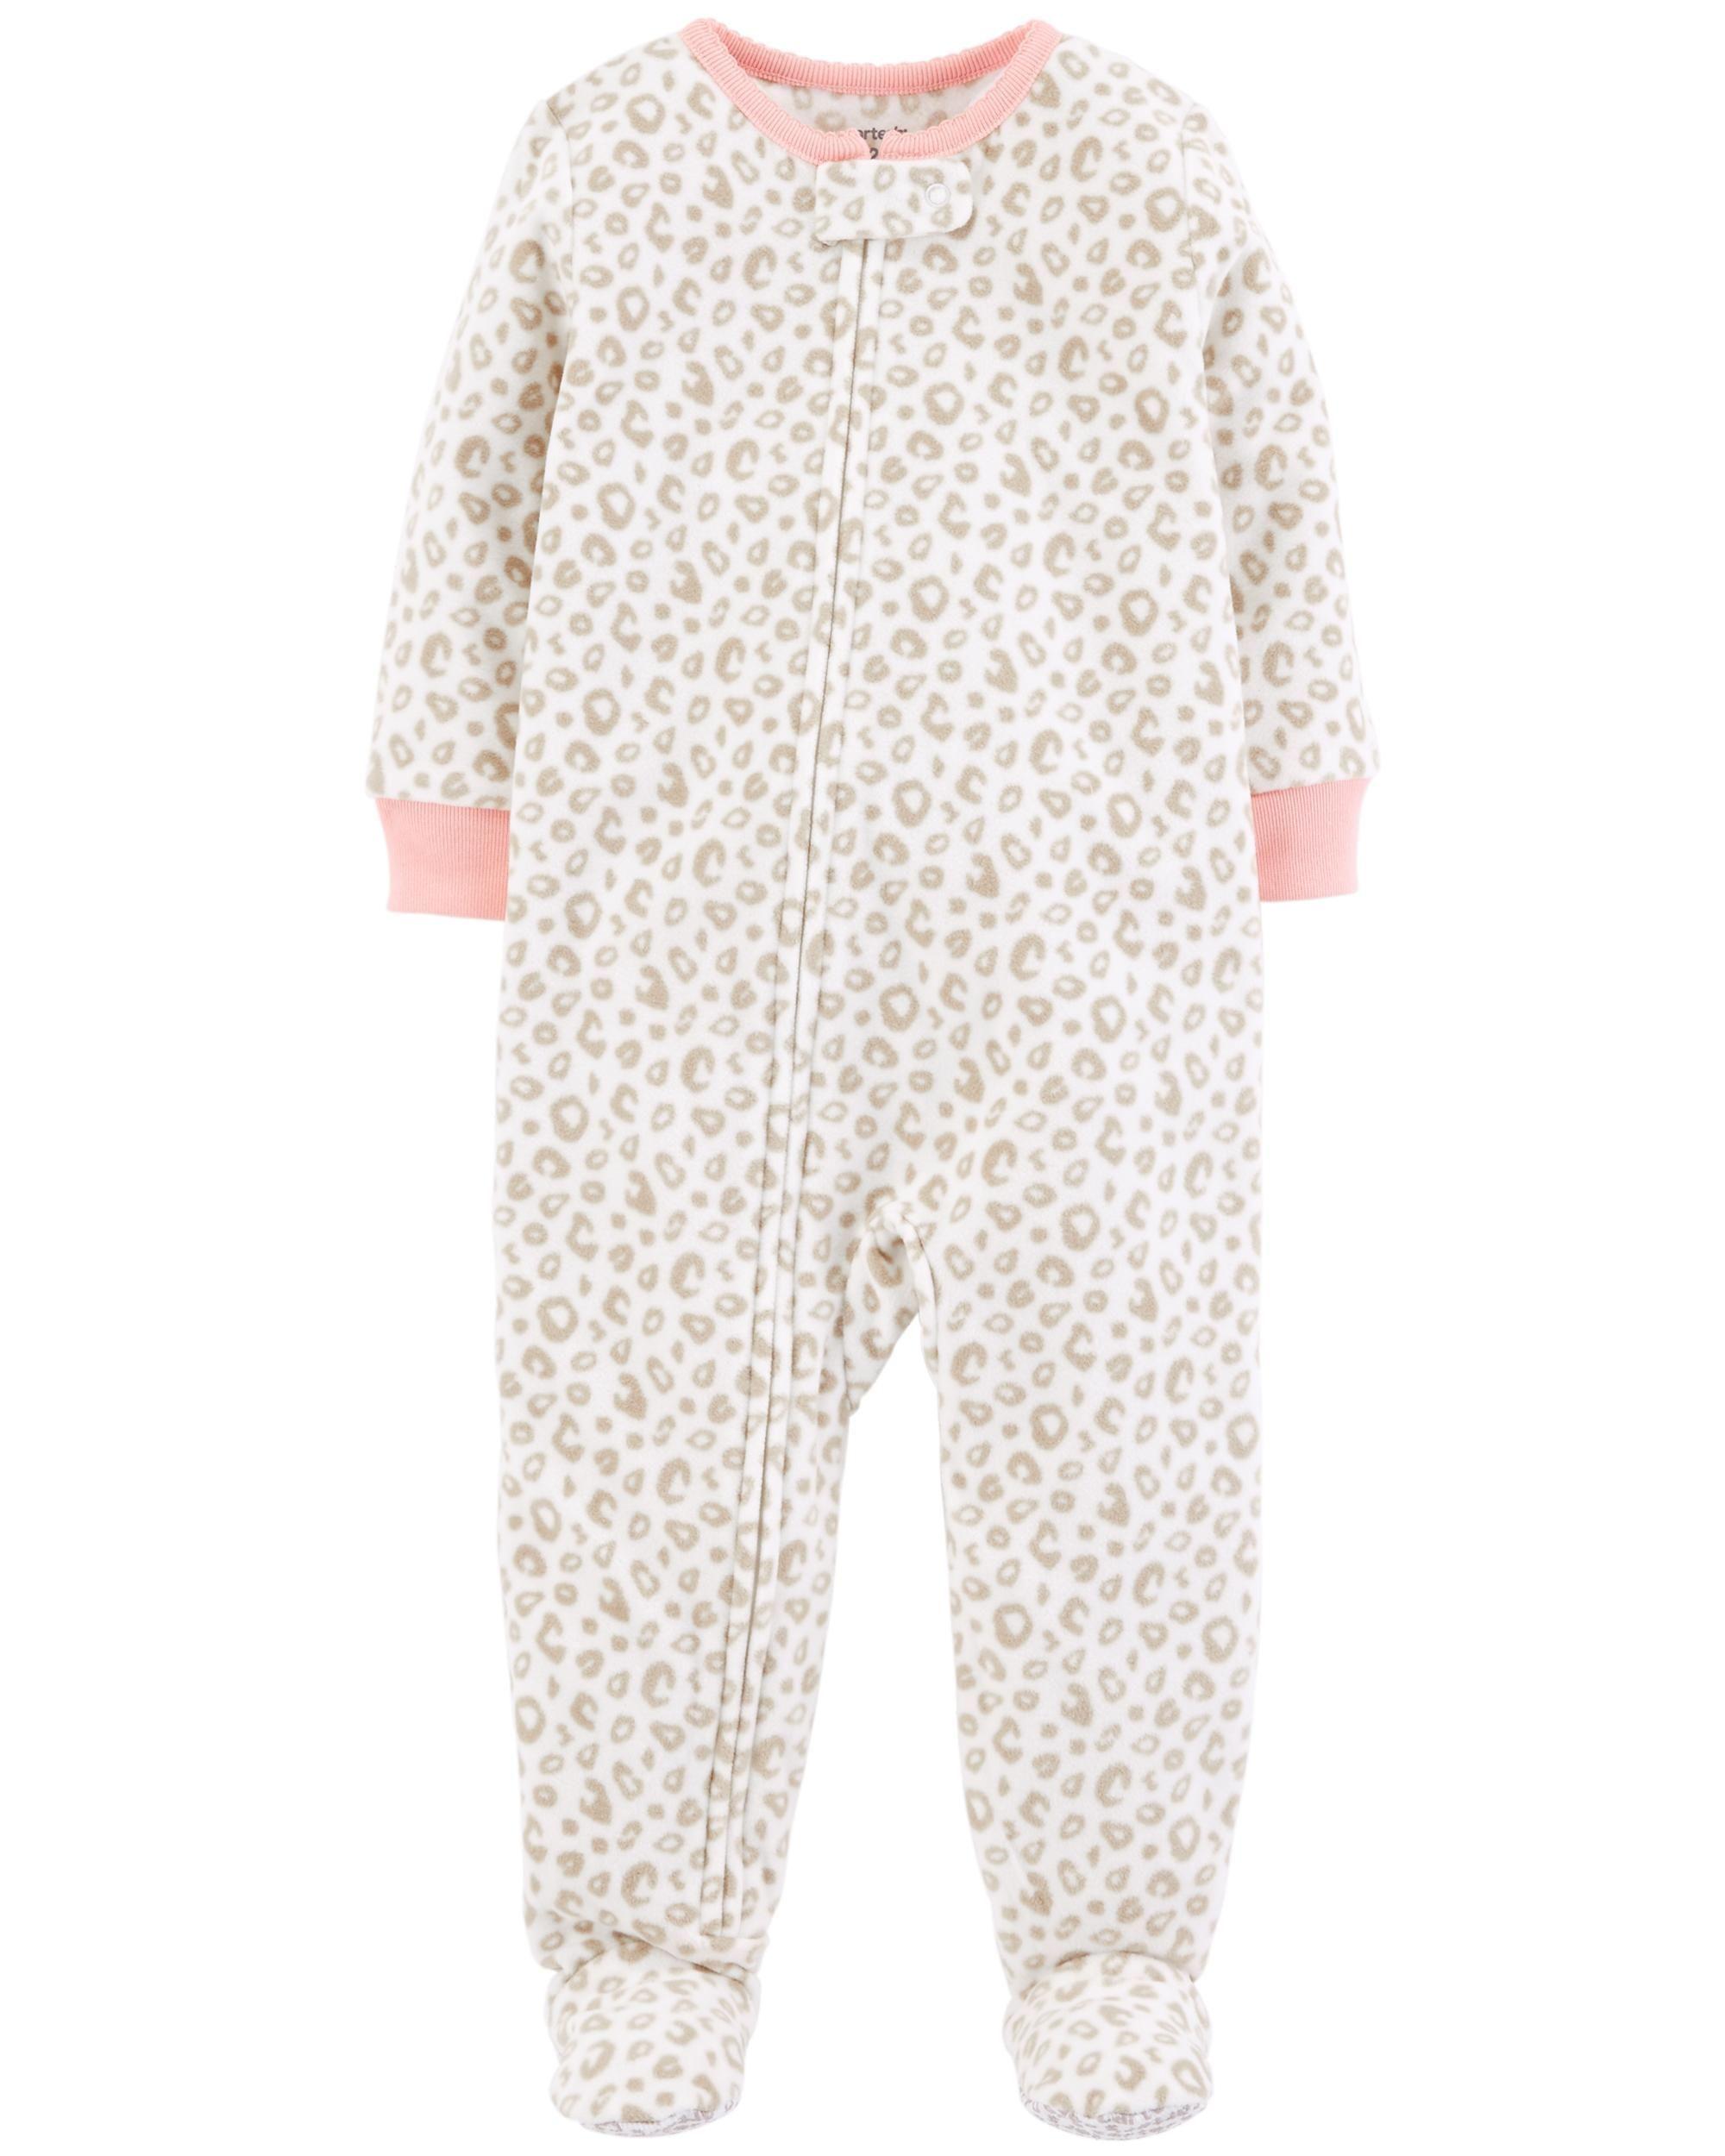 4f4baab725 Baby Girl 1-Piece Leopard Fleece PJs